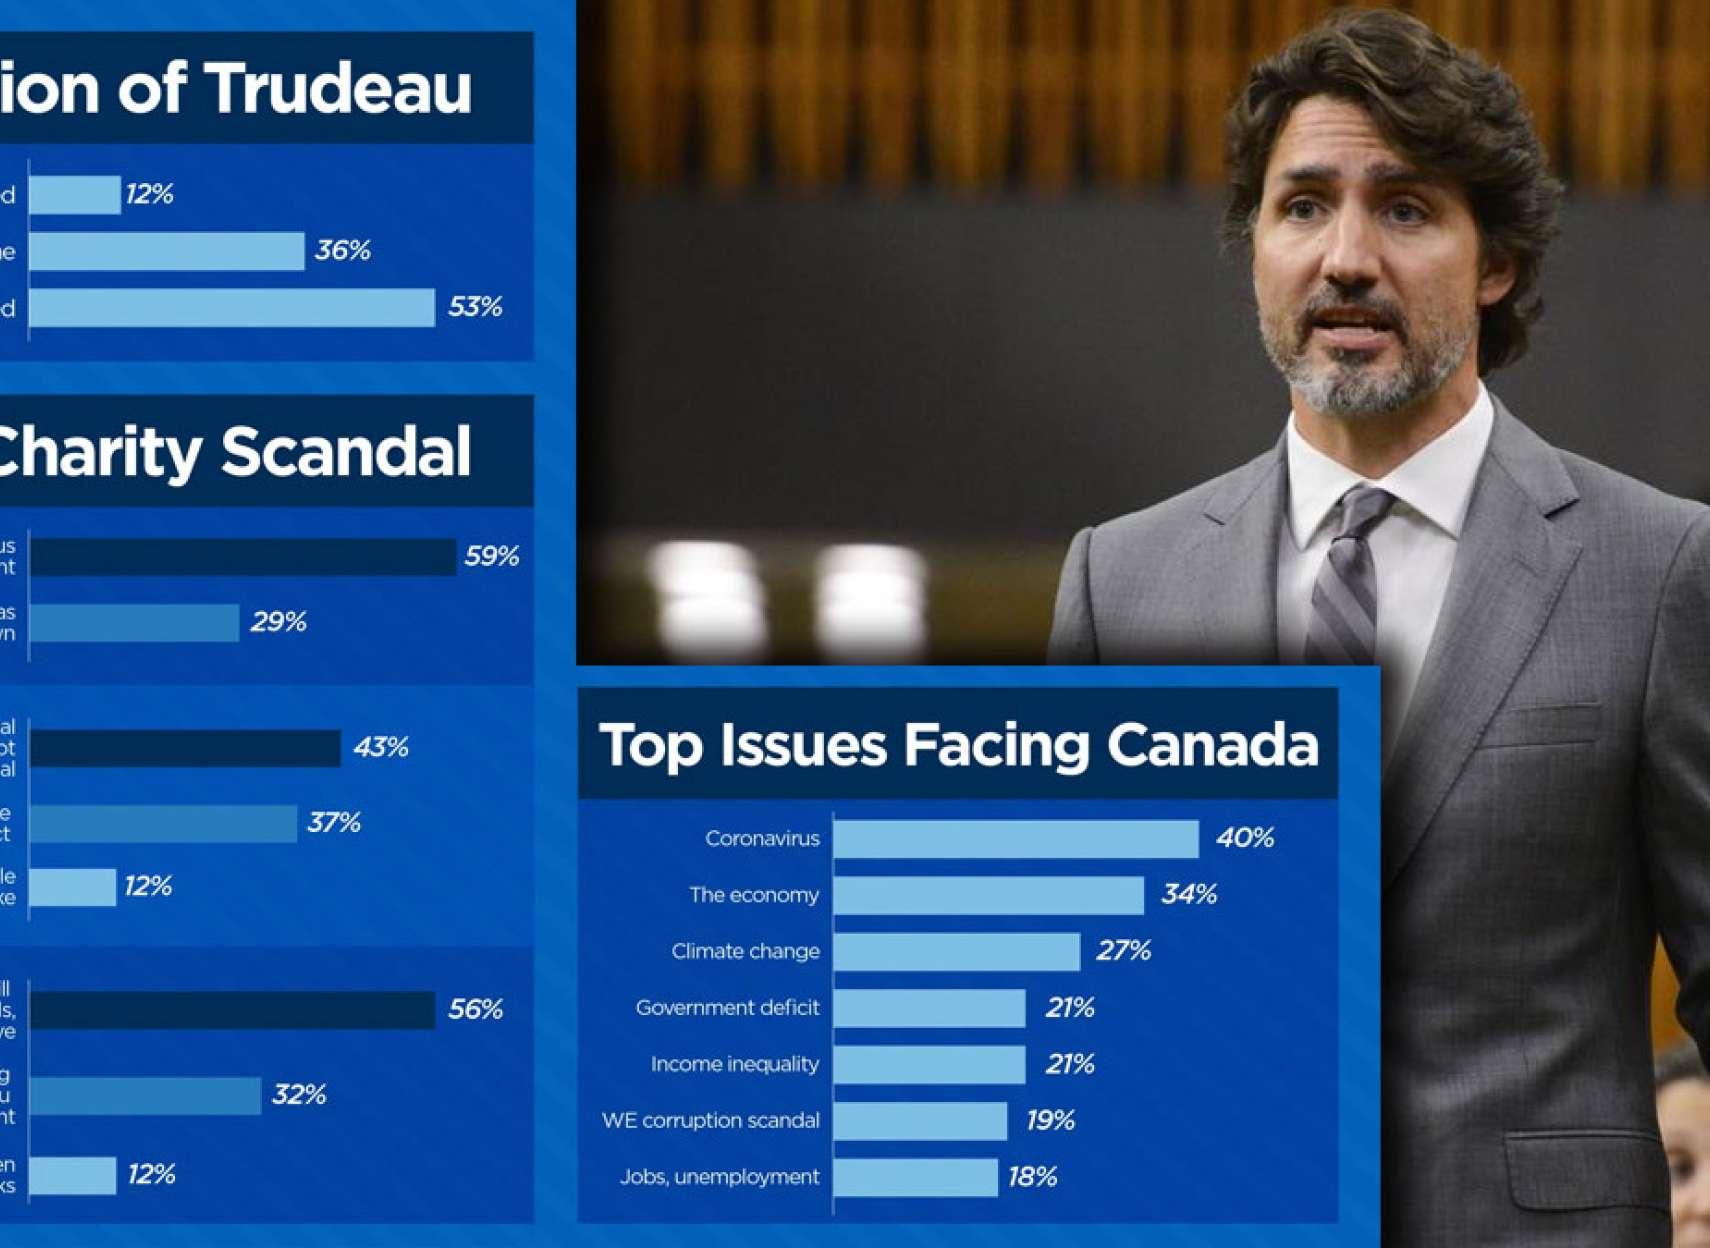 اخبار-کانادا-سقوط-محبوبیت-ترودو-و-رای-مثبت-سنا-به-تمدید-ماهانه-۲۰۰۰-دلاری-مردم